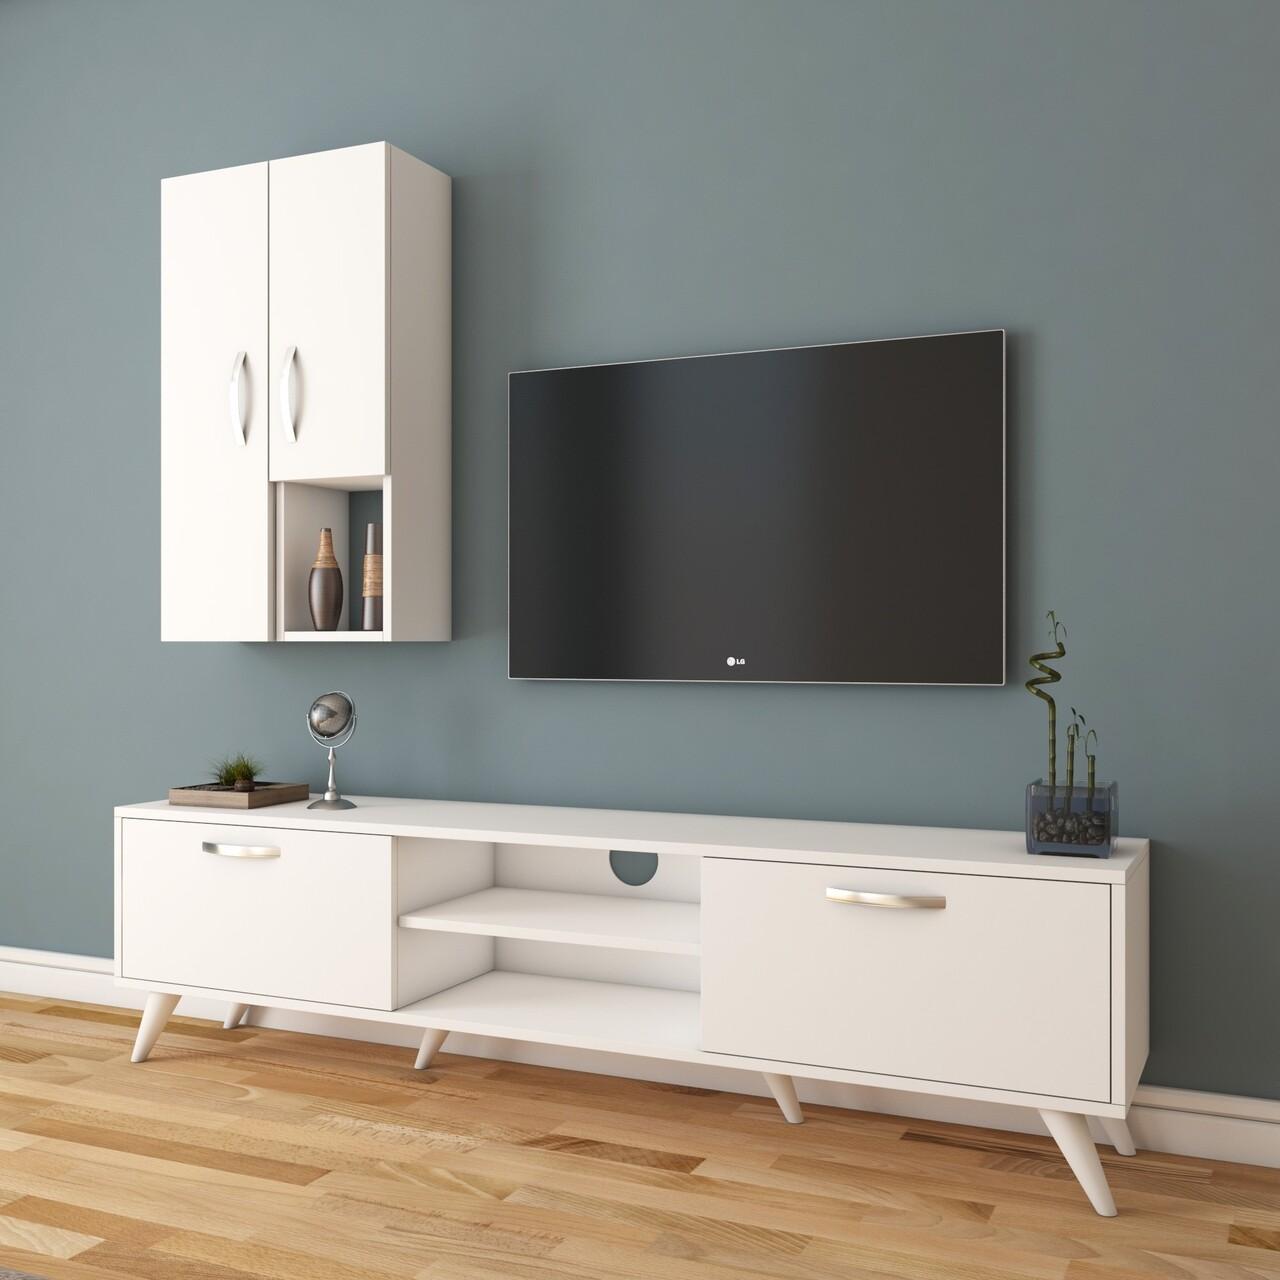 Comoda TV cu 2 cabinete M43 - 314, Wren, 180 x 35 x 48.6 cm/90 cm, white